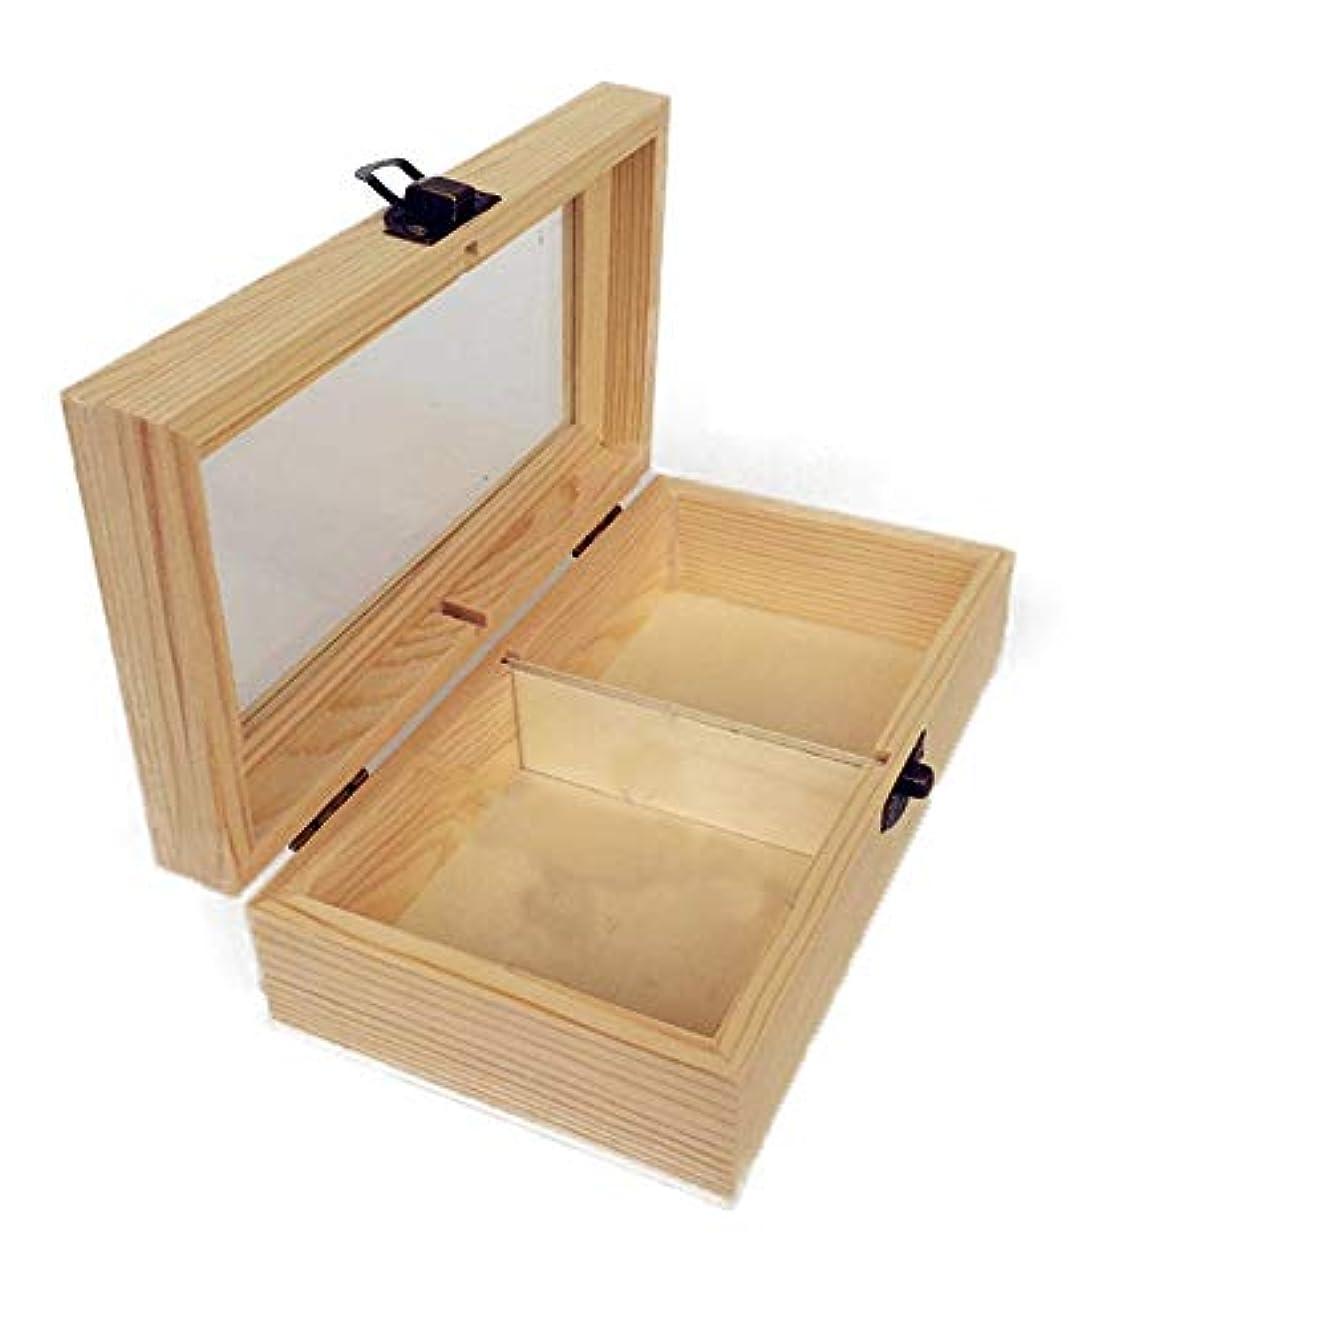 悲惨な焼く吸収剤エッセンシャルオイルの保管 プレゼンテーションのために手作りの木製ギフトボックスパーフェクトエッセンシャルオイルケースにエッセンシャルオイルは、被害太陽光からあなたの油を保護します (色 : Natural, サイズ :...